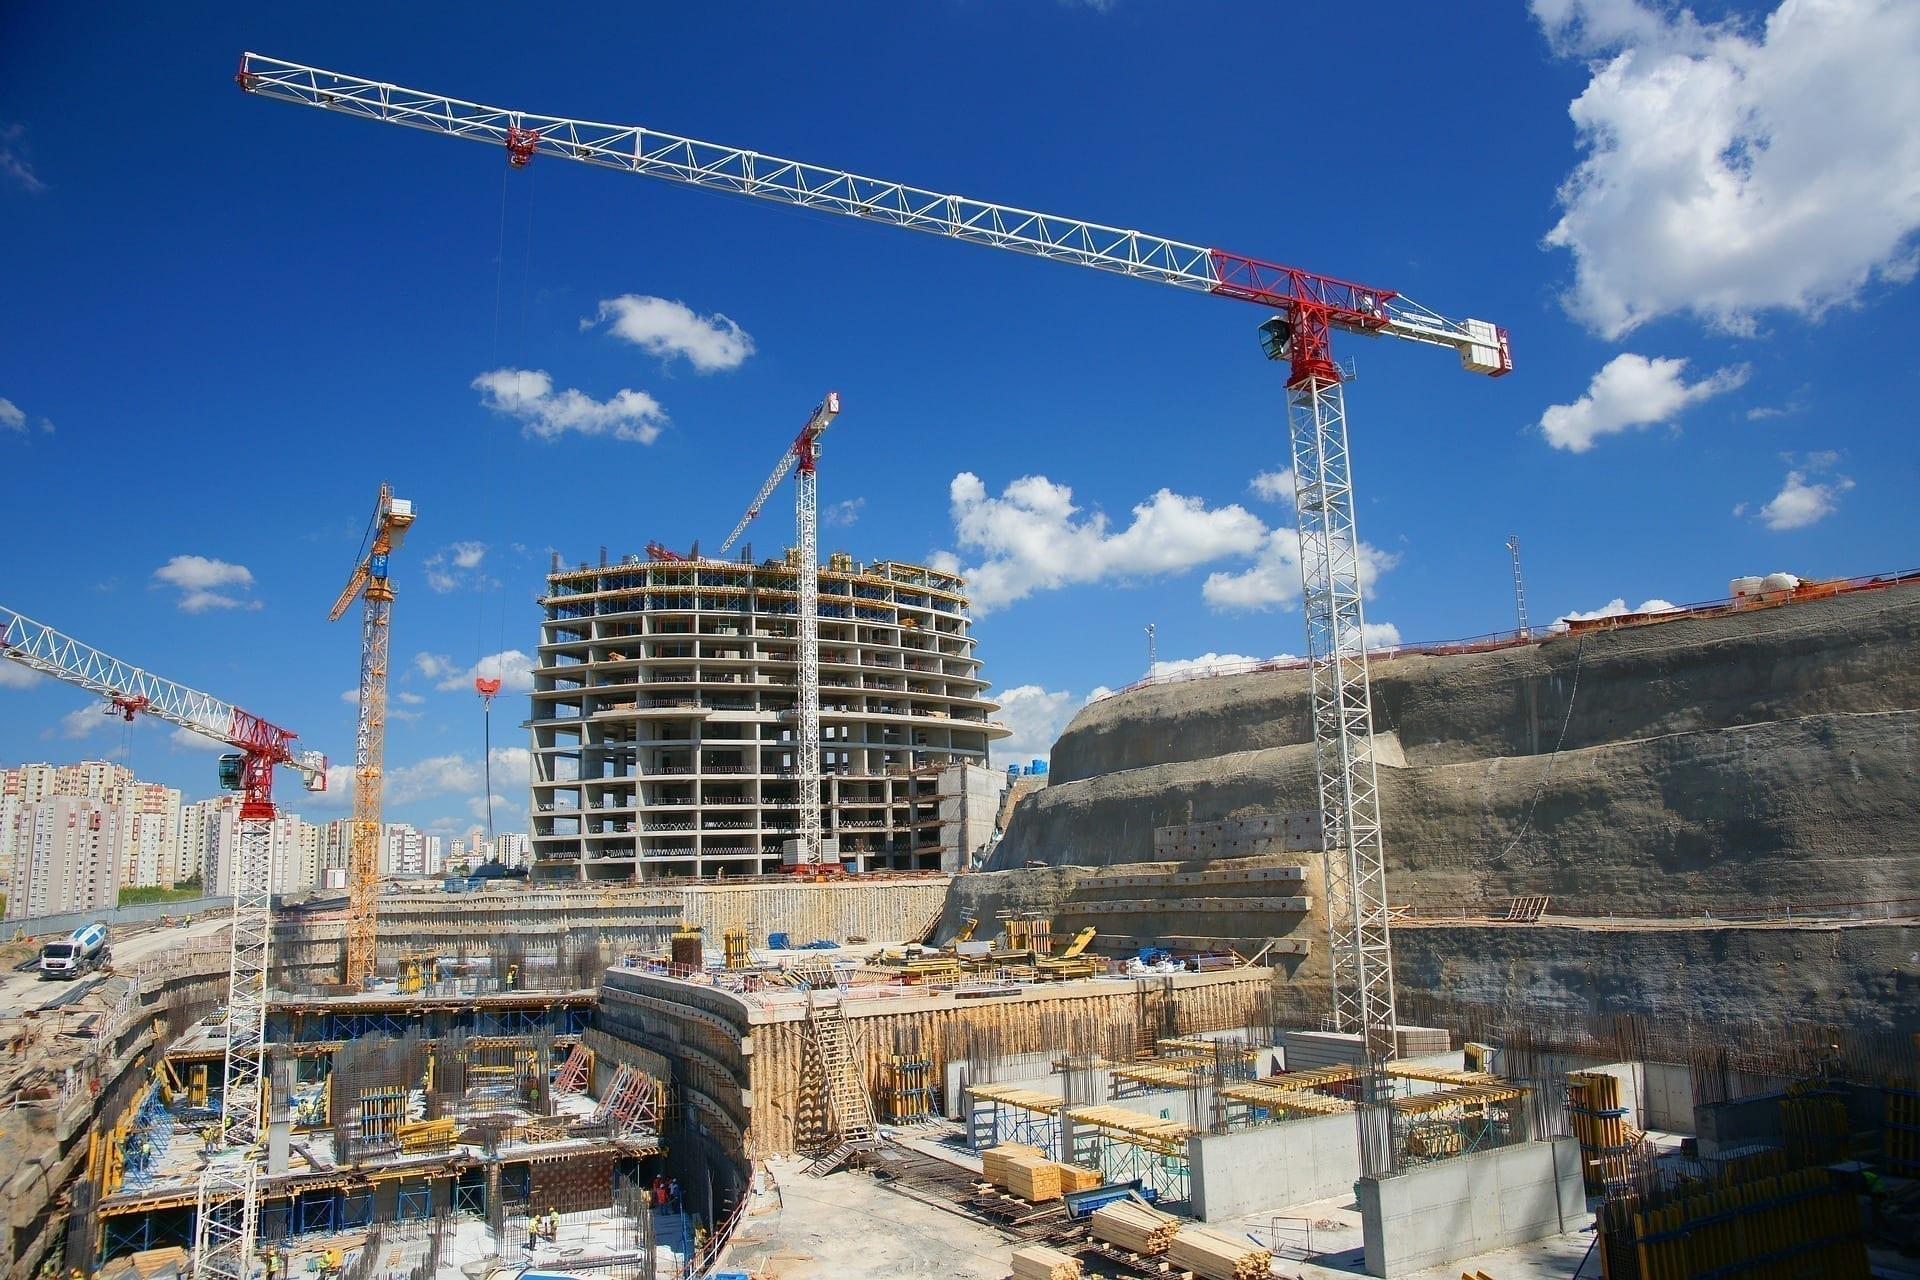 construction 2933226 1920 - Succesul unui proiect începe cu Stratos